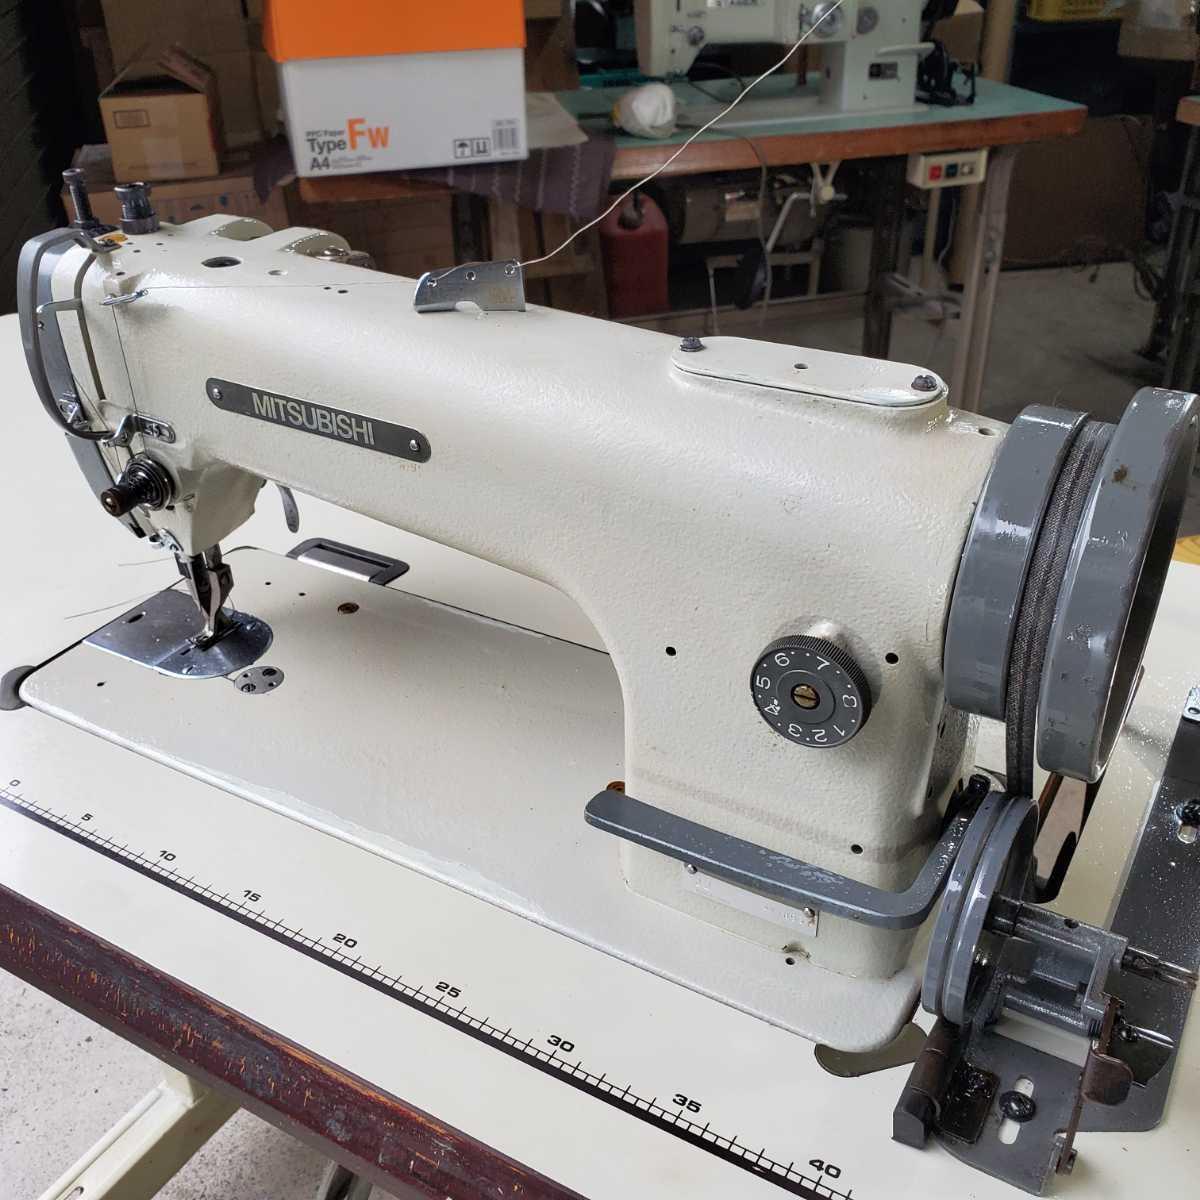 工業用ミシン、革、レザー、テント、シート、その他厚物縫いミシン、三菱MITSUBISHI 上下送り倍釜ミシンDY-350 !整備済み品、綺麗!_画像1